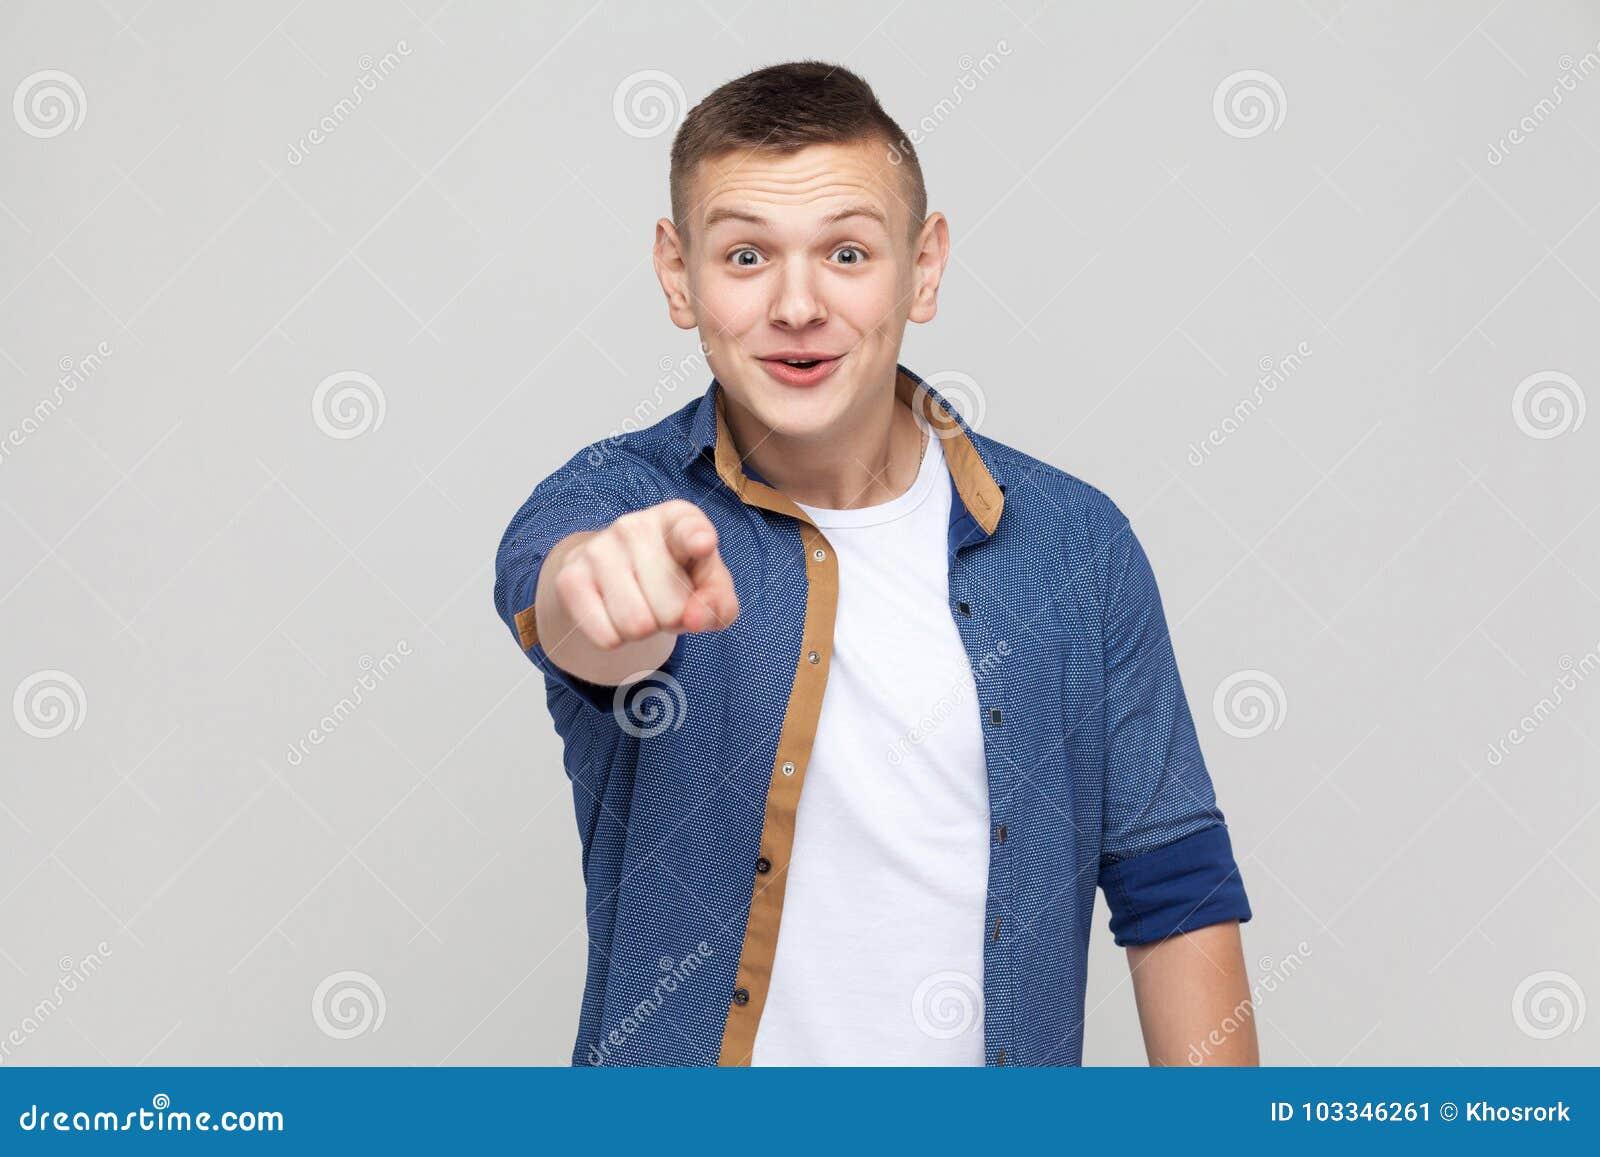 O menino que aponta o dedo na câmera e tem um olhar surpreendido